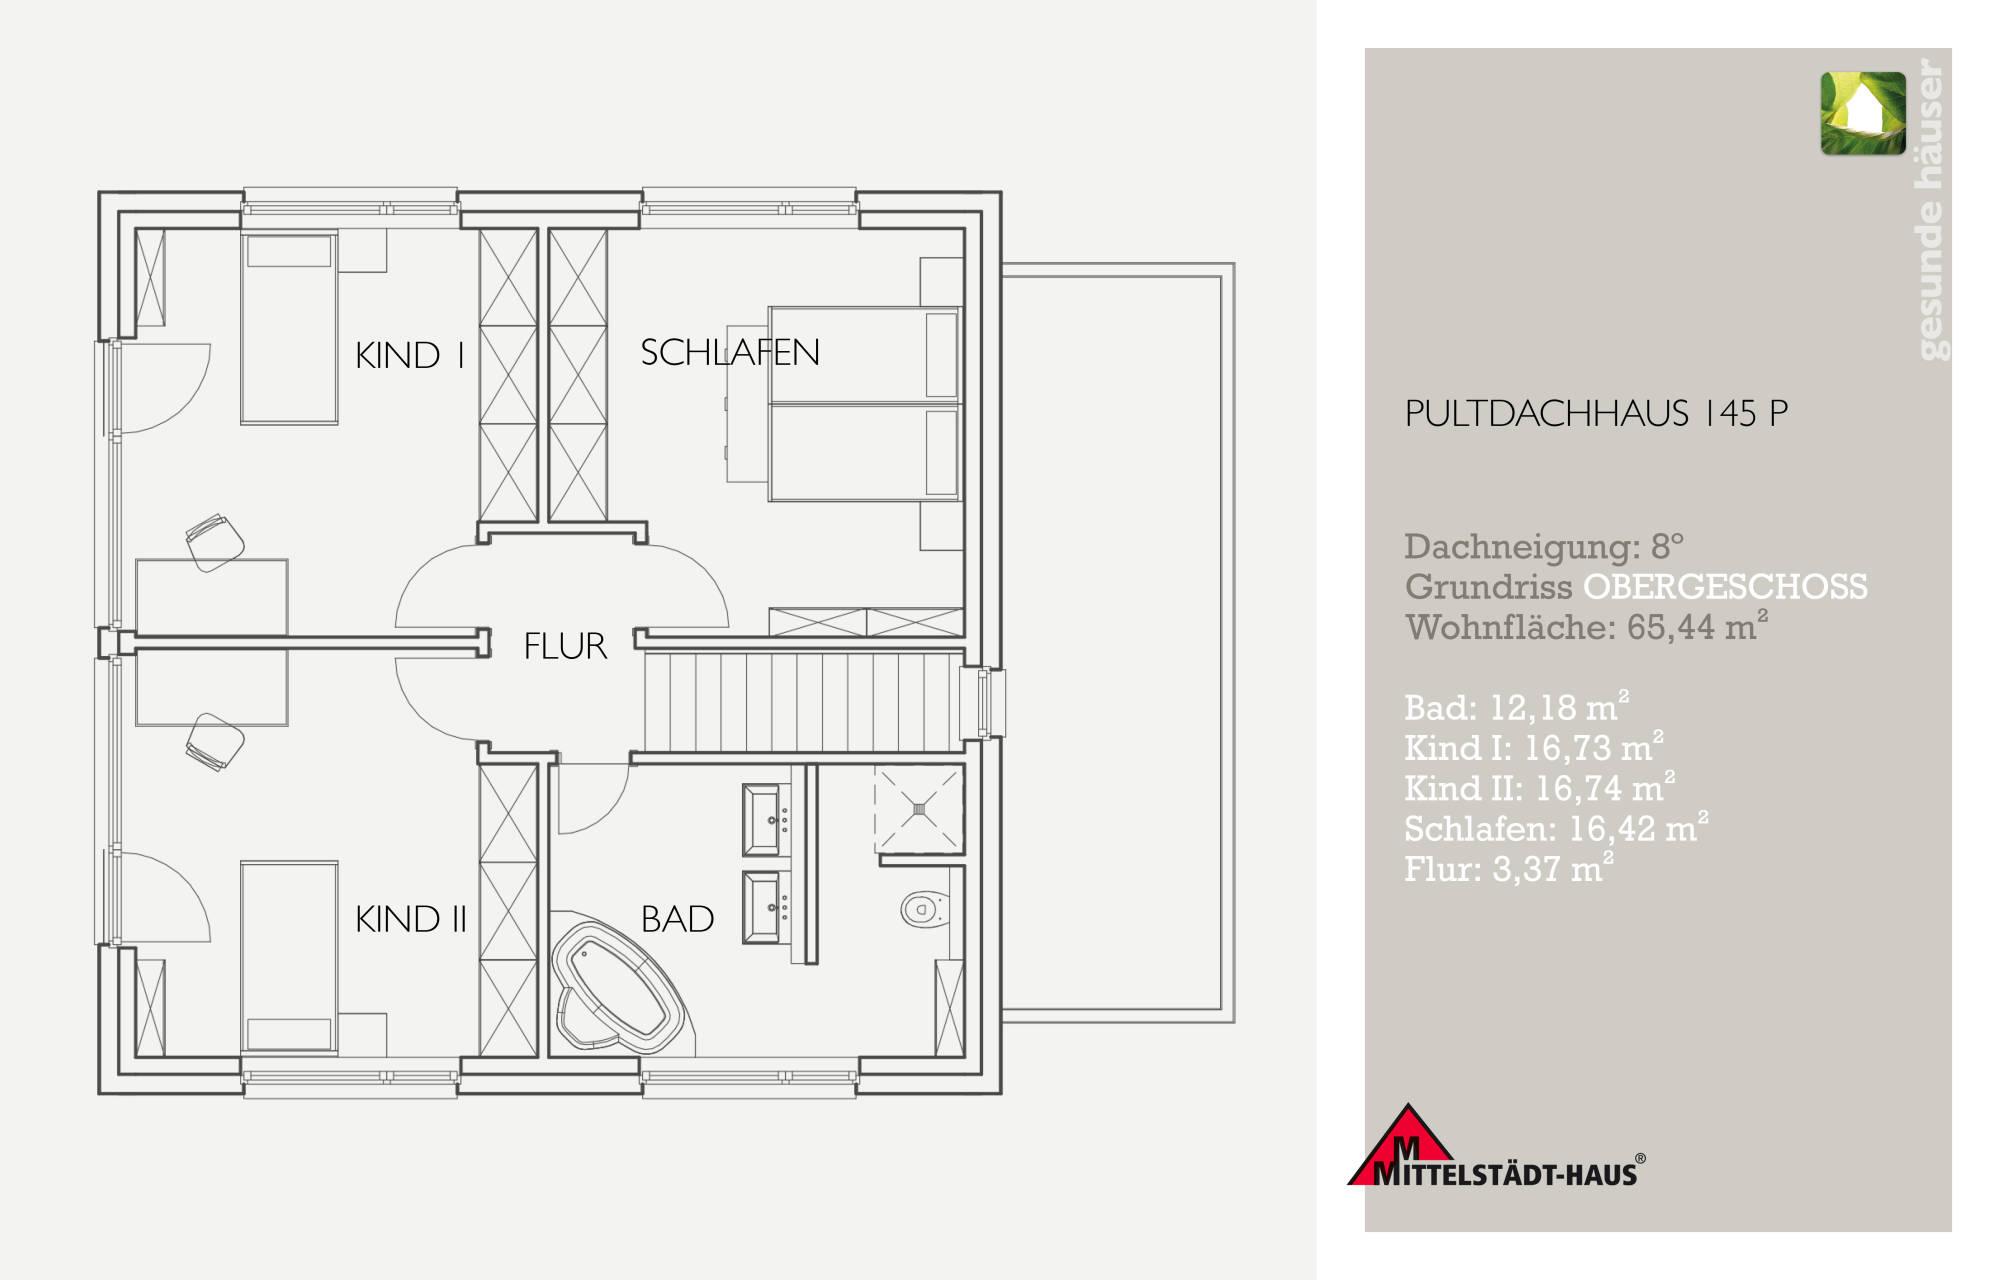 pultdachhaus145p